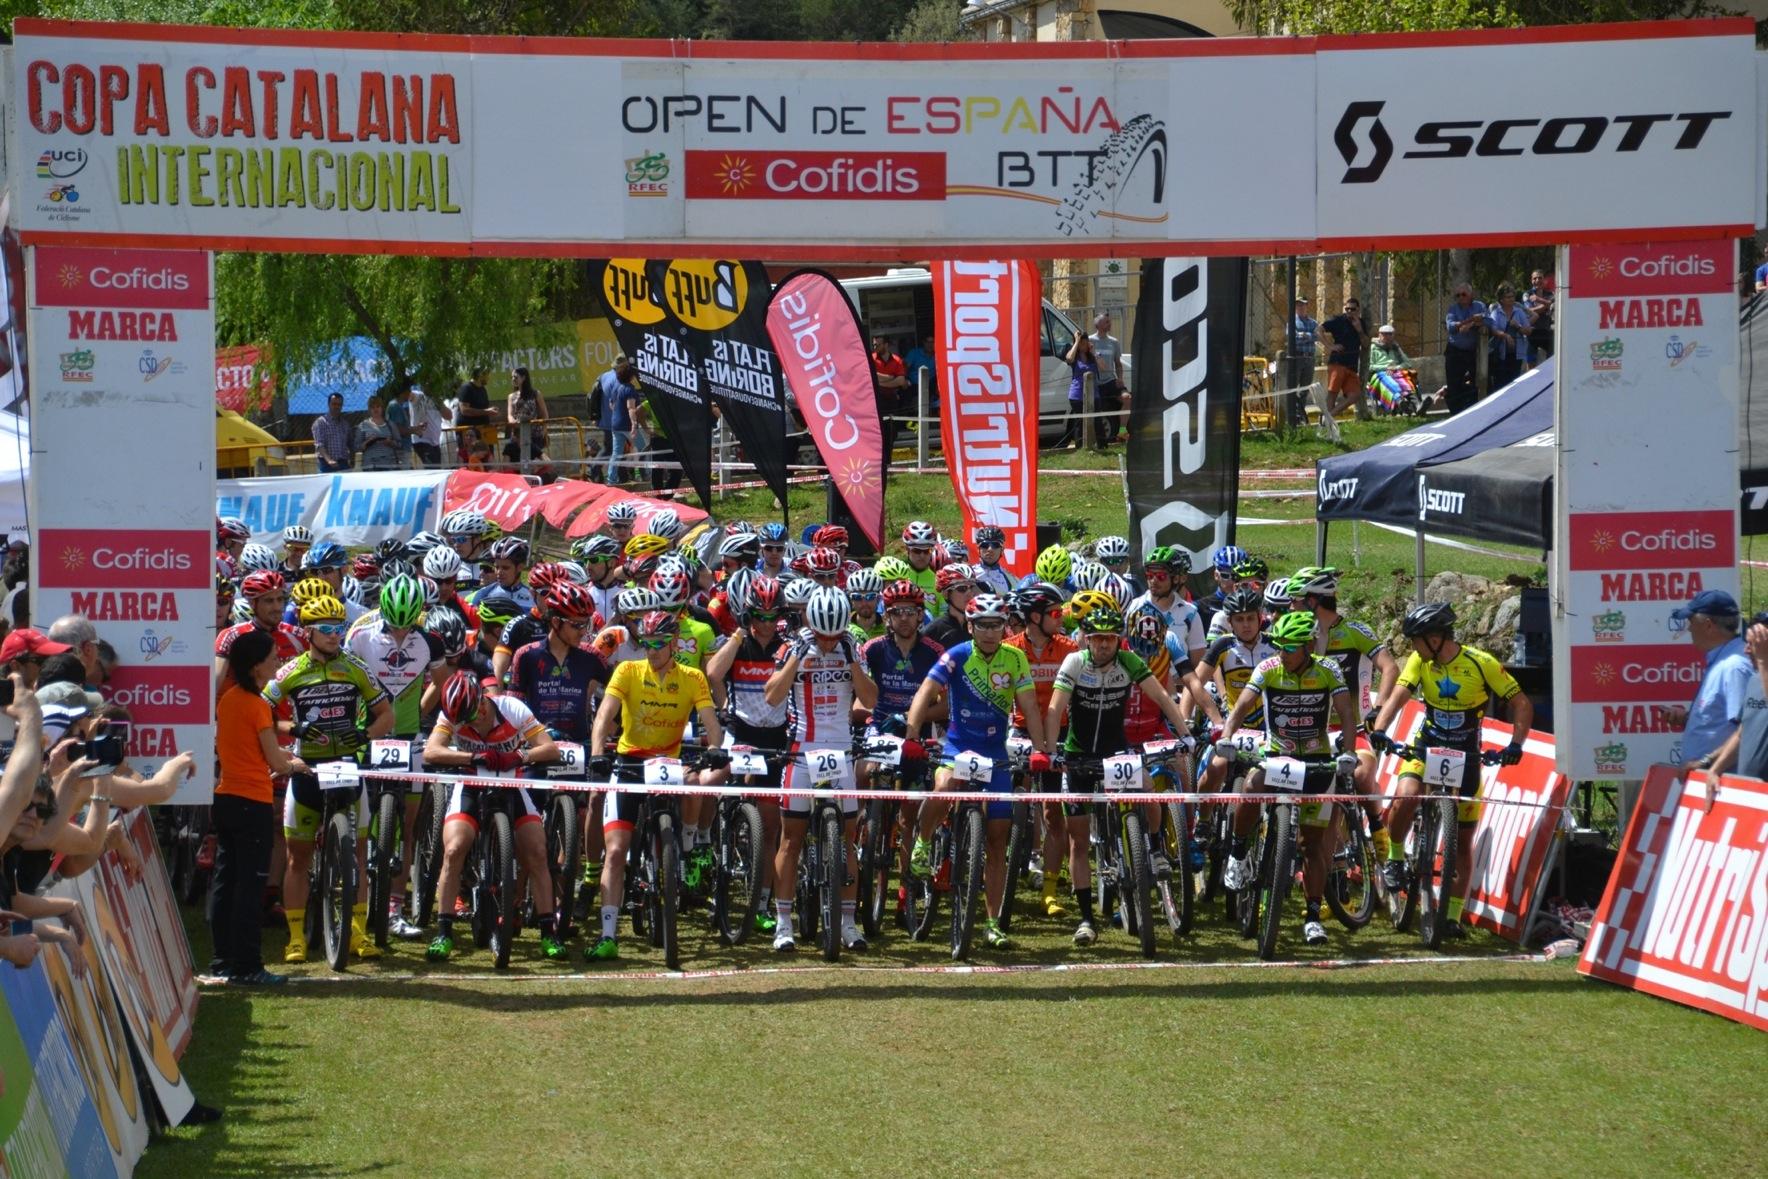 La Copa Catalana Internacional de BTT Biking Point pasa el ecuador del campeonato en la Vall de Lord de categoría UCI C2 y Open de España XCO Cofidis